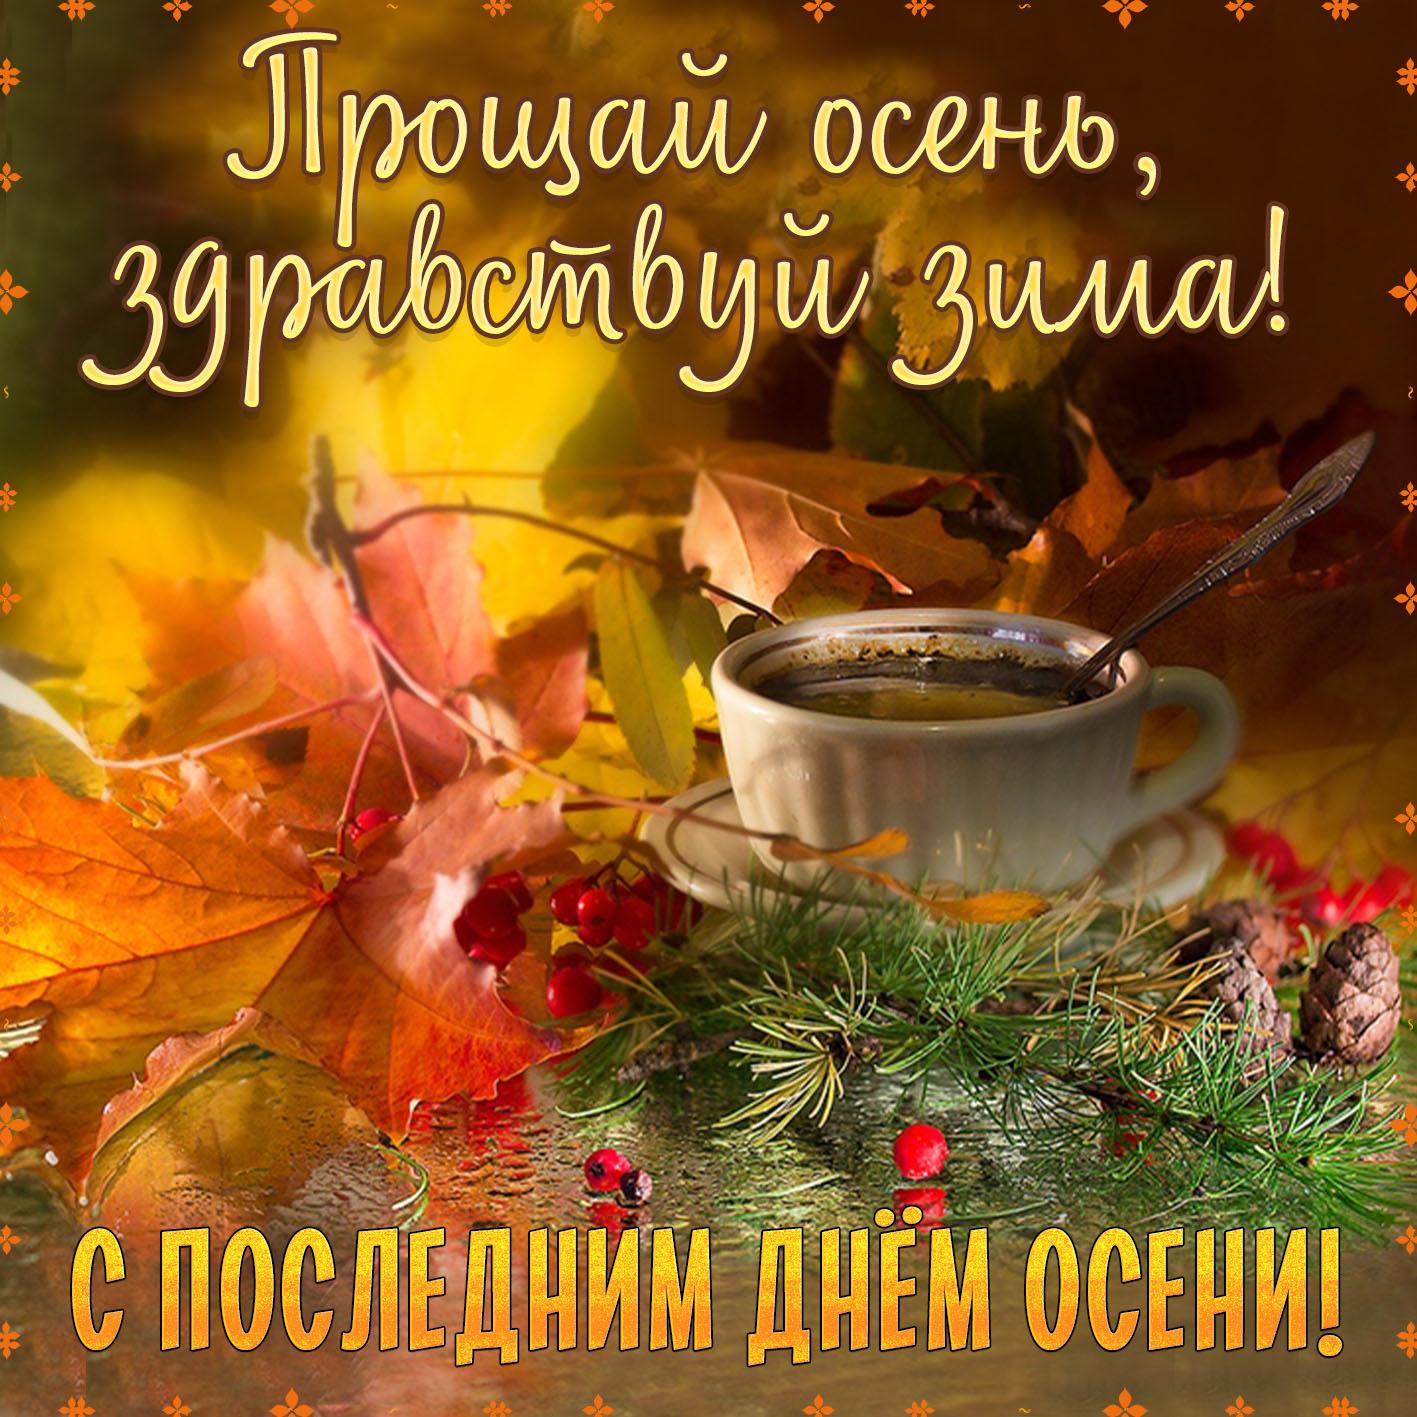 Открытка - чашка среди листьев и шишек на последний день осени